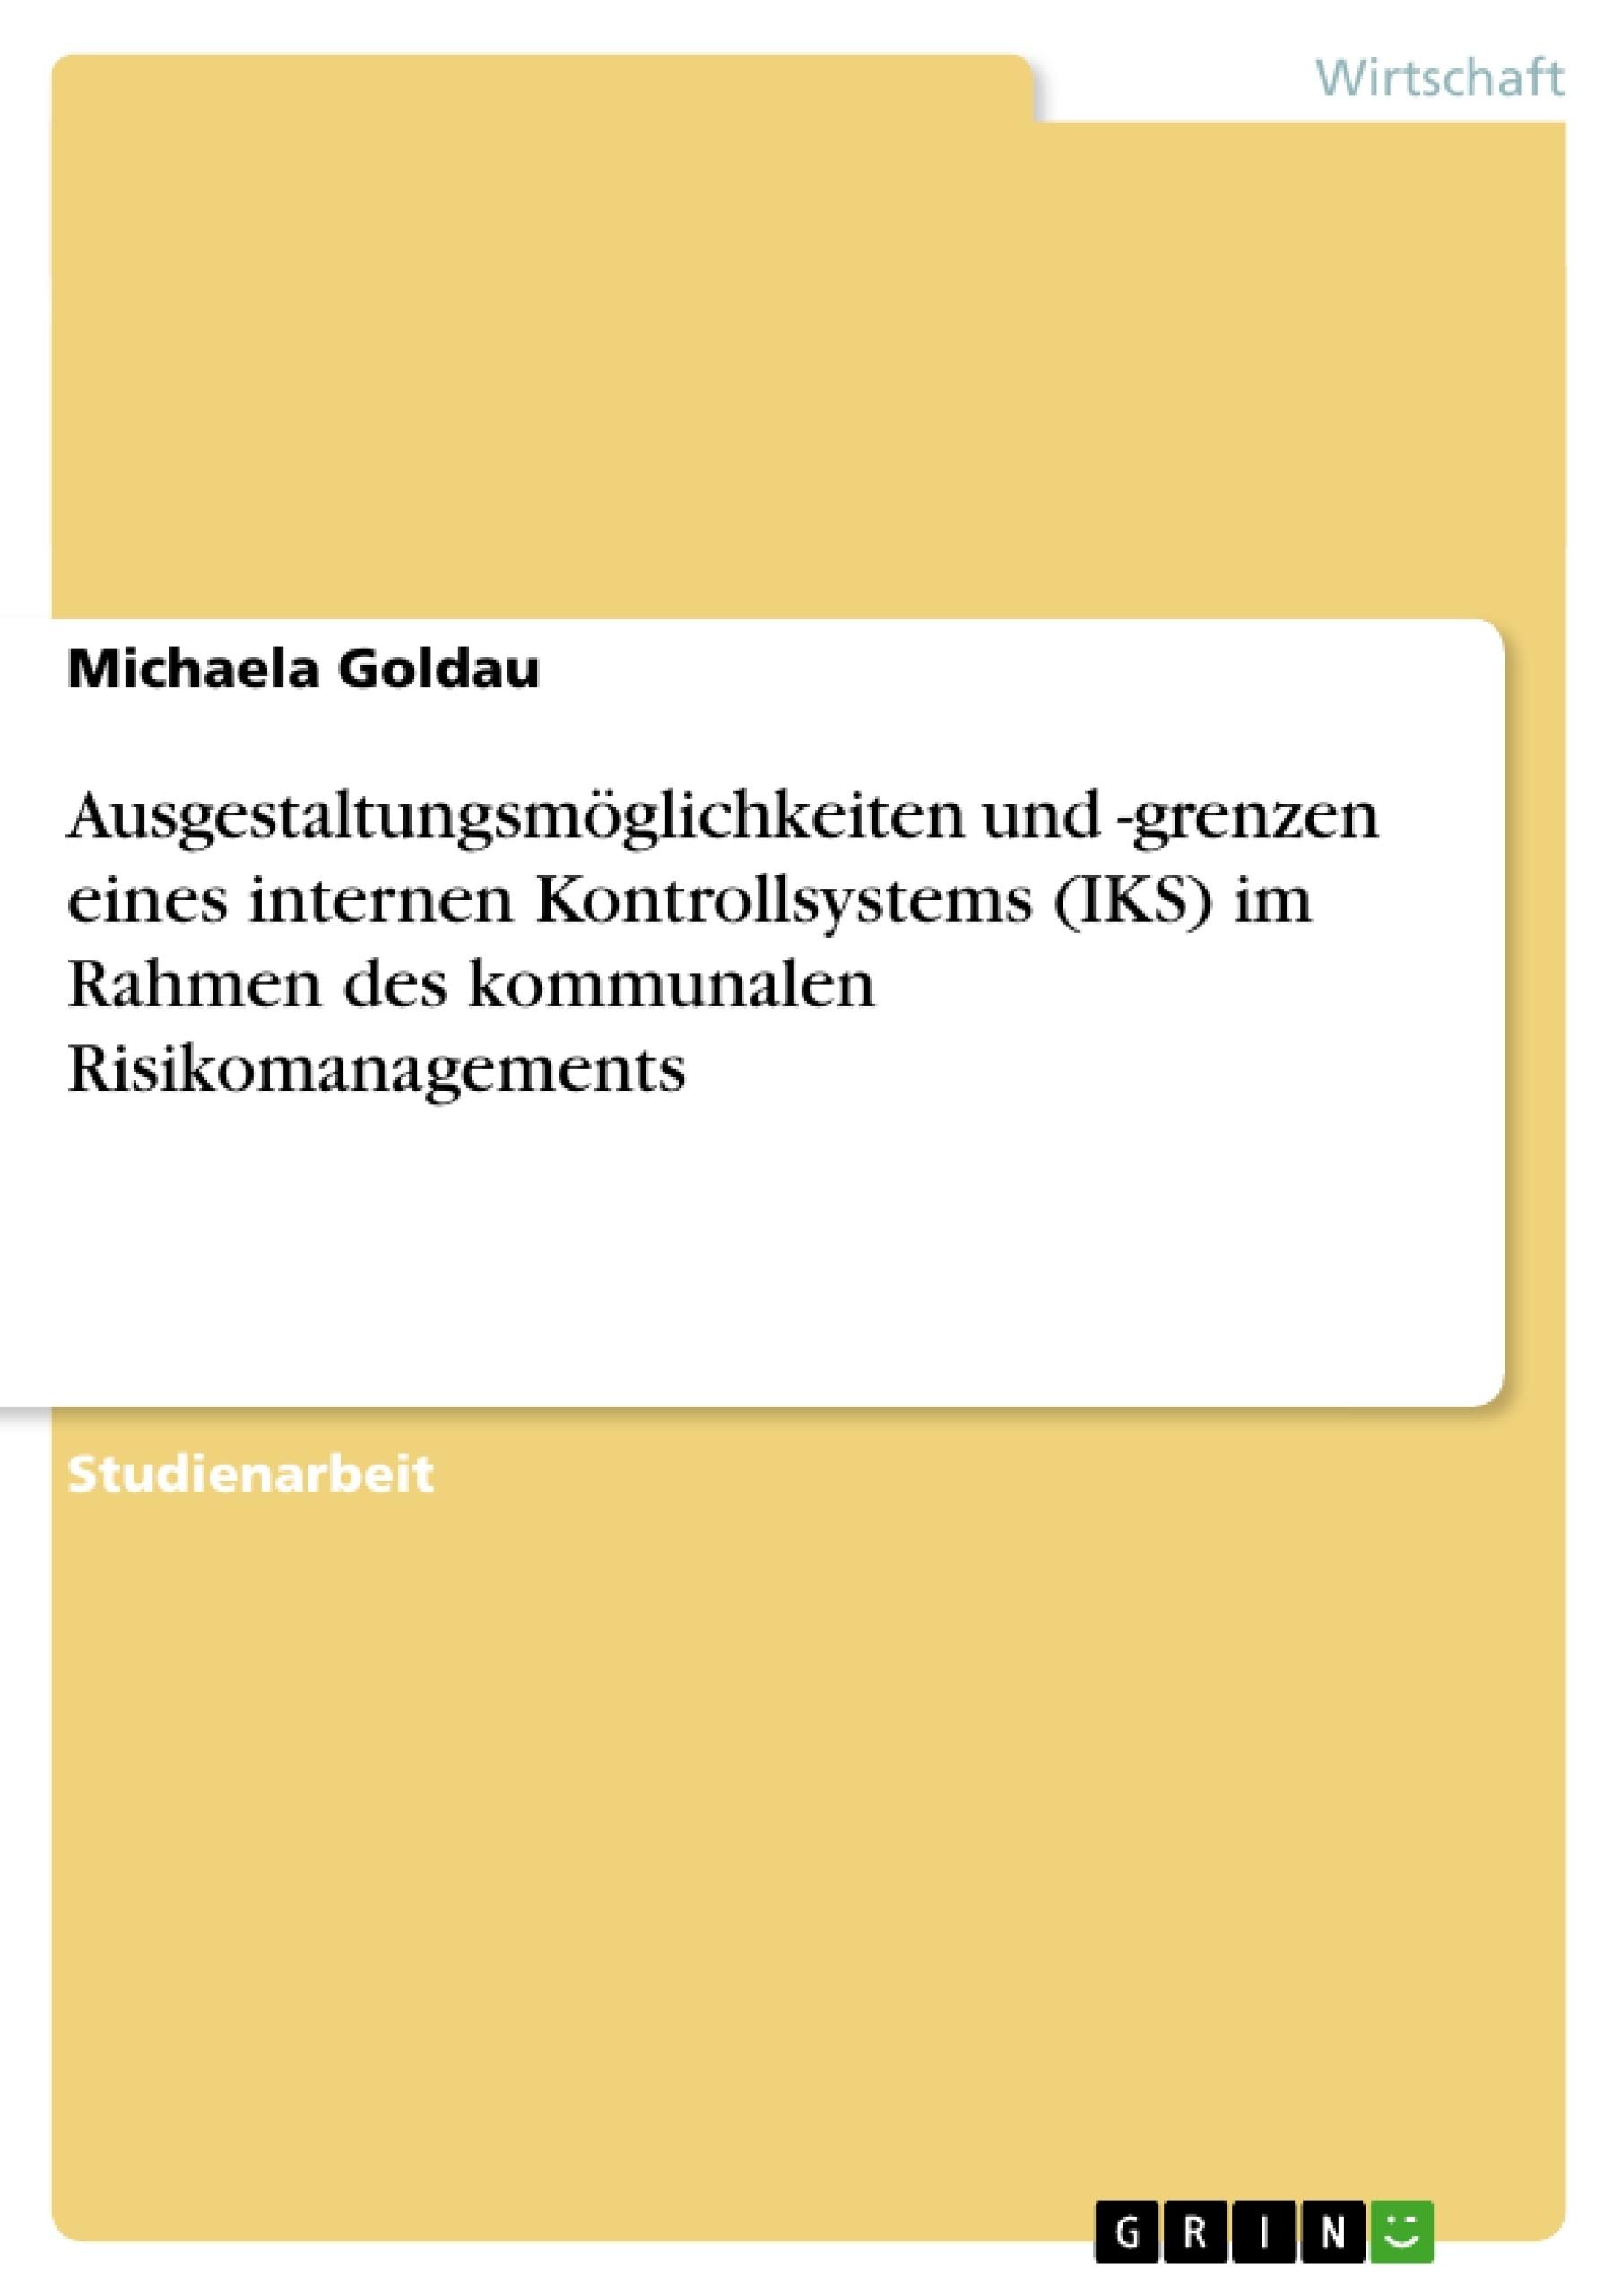 Titel: Ausgestaltungsmöglichkeiten und -grenzen eines internen Kontrollsystems (IKS) im Rahmen des kommunalen Risikomanagements